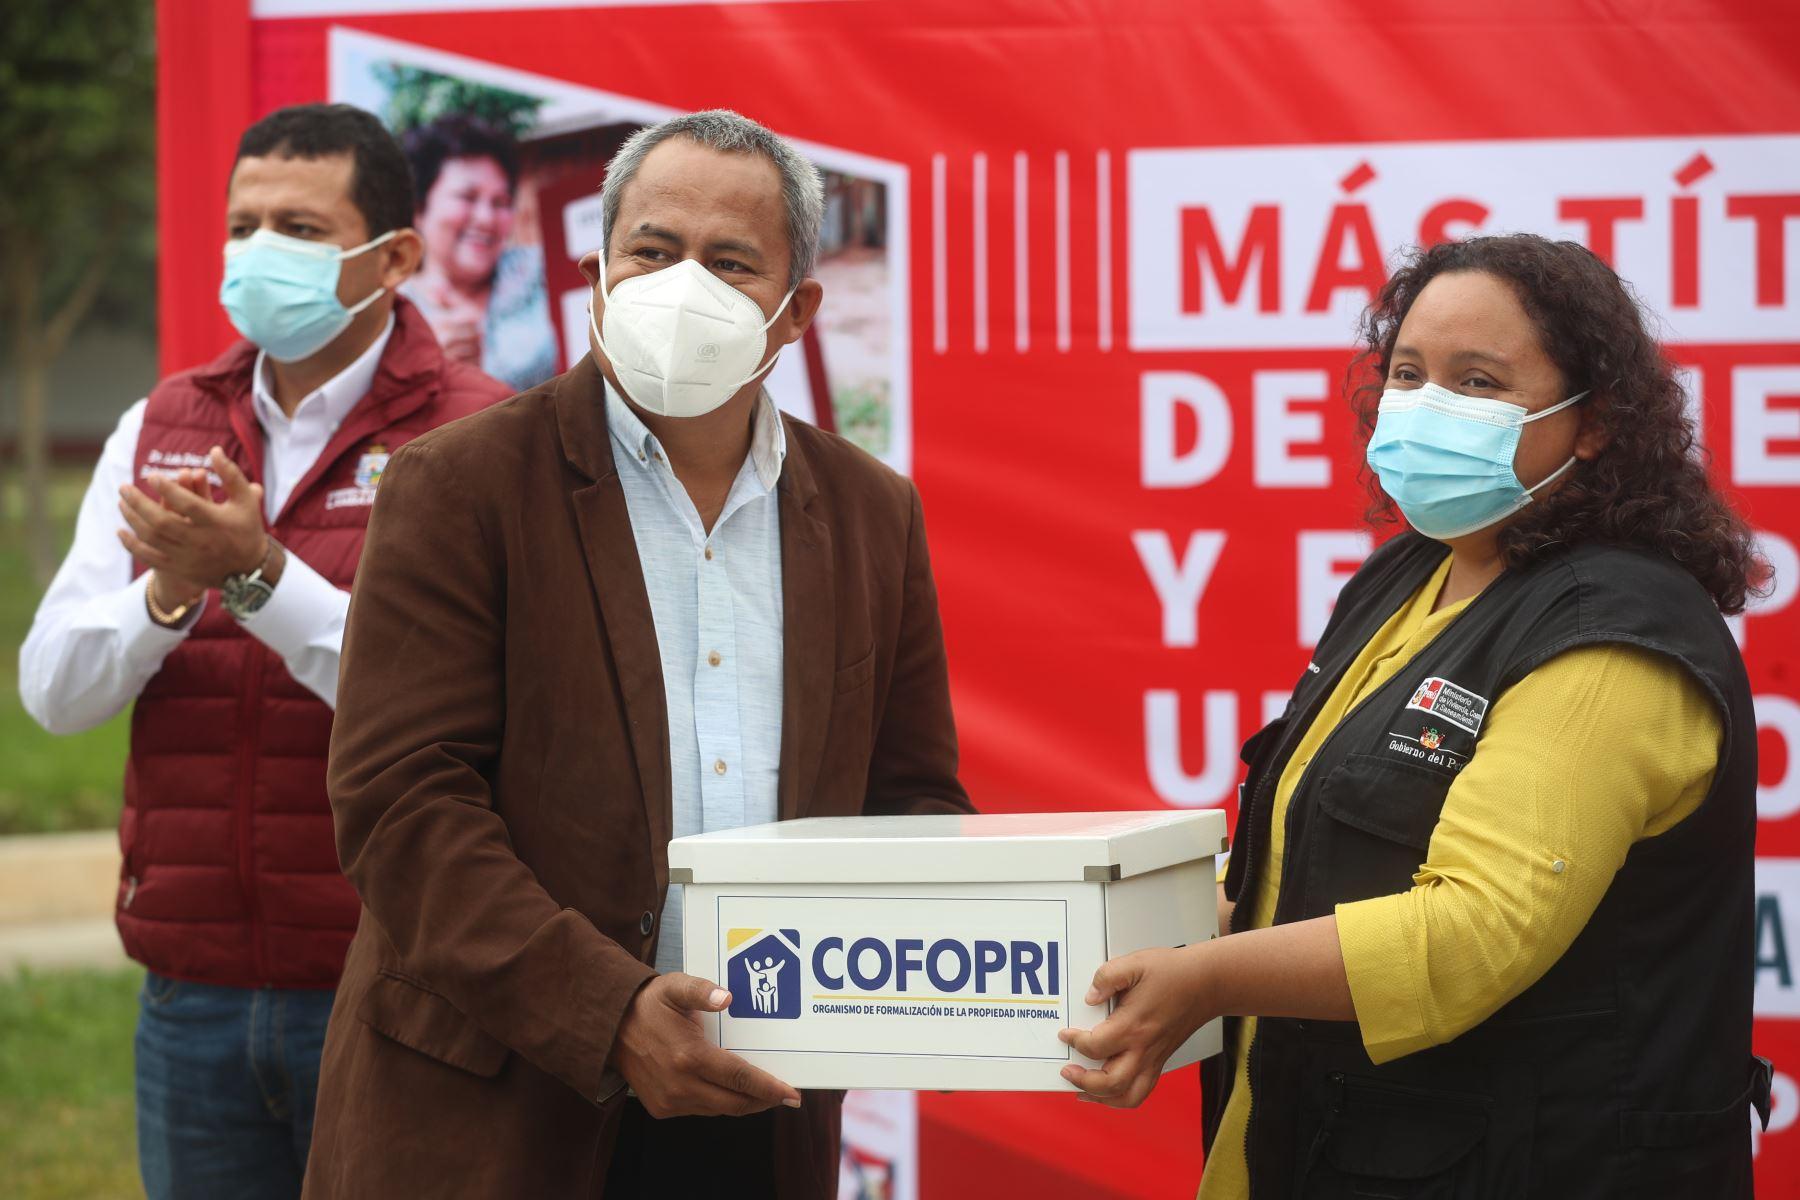 El presidente Francisco Sagasti y la ministra de vivienda, Solangel Fernández, entregan títulos de Cofopri en Chiclayo. Foto: ANDINA/ Presidencia